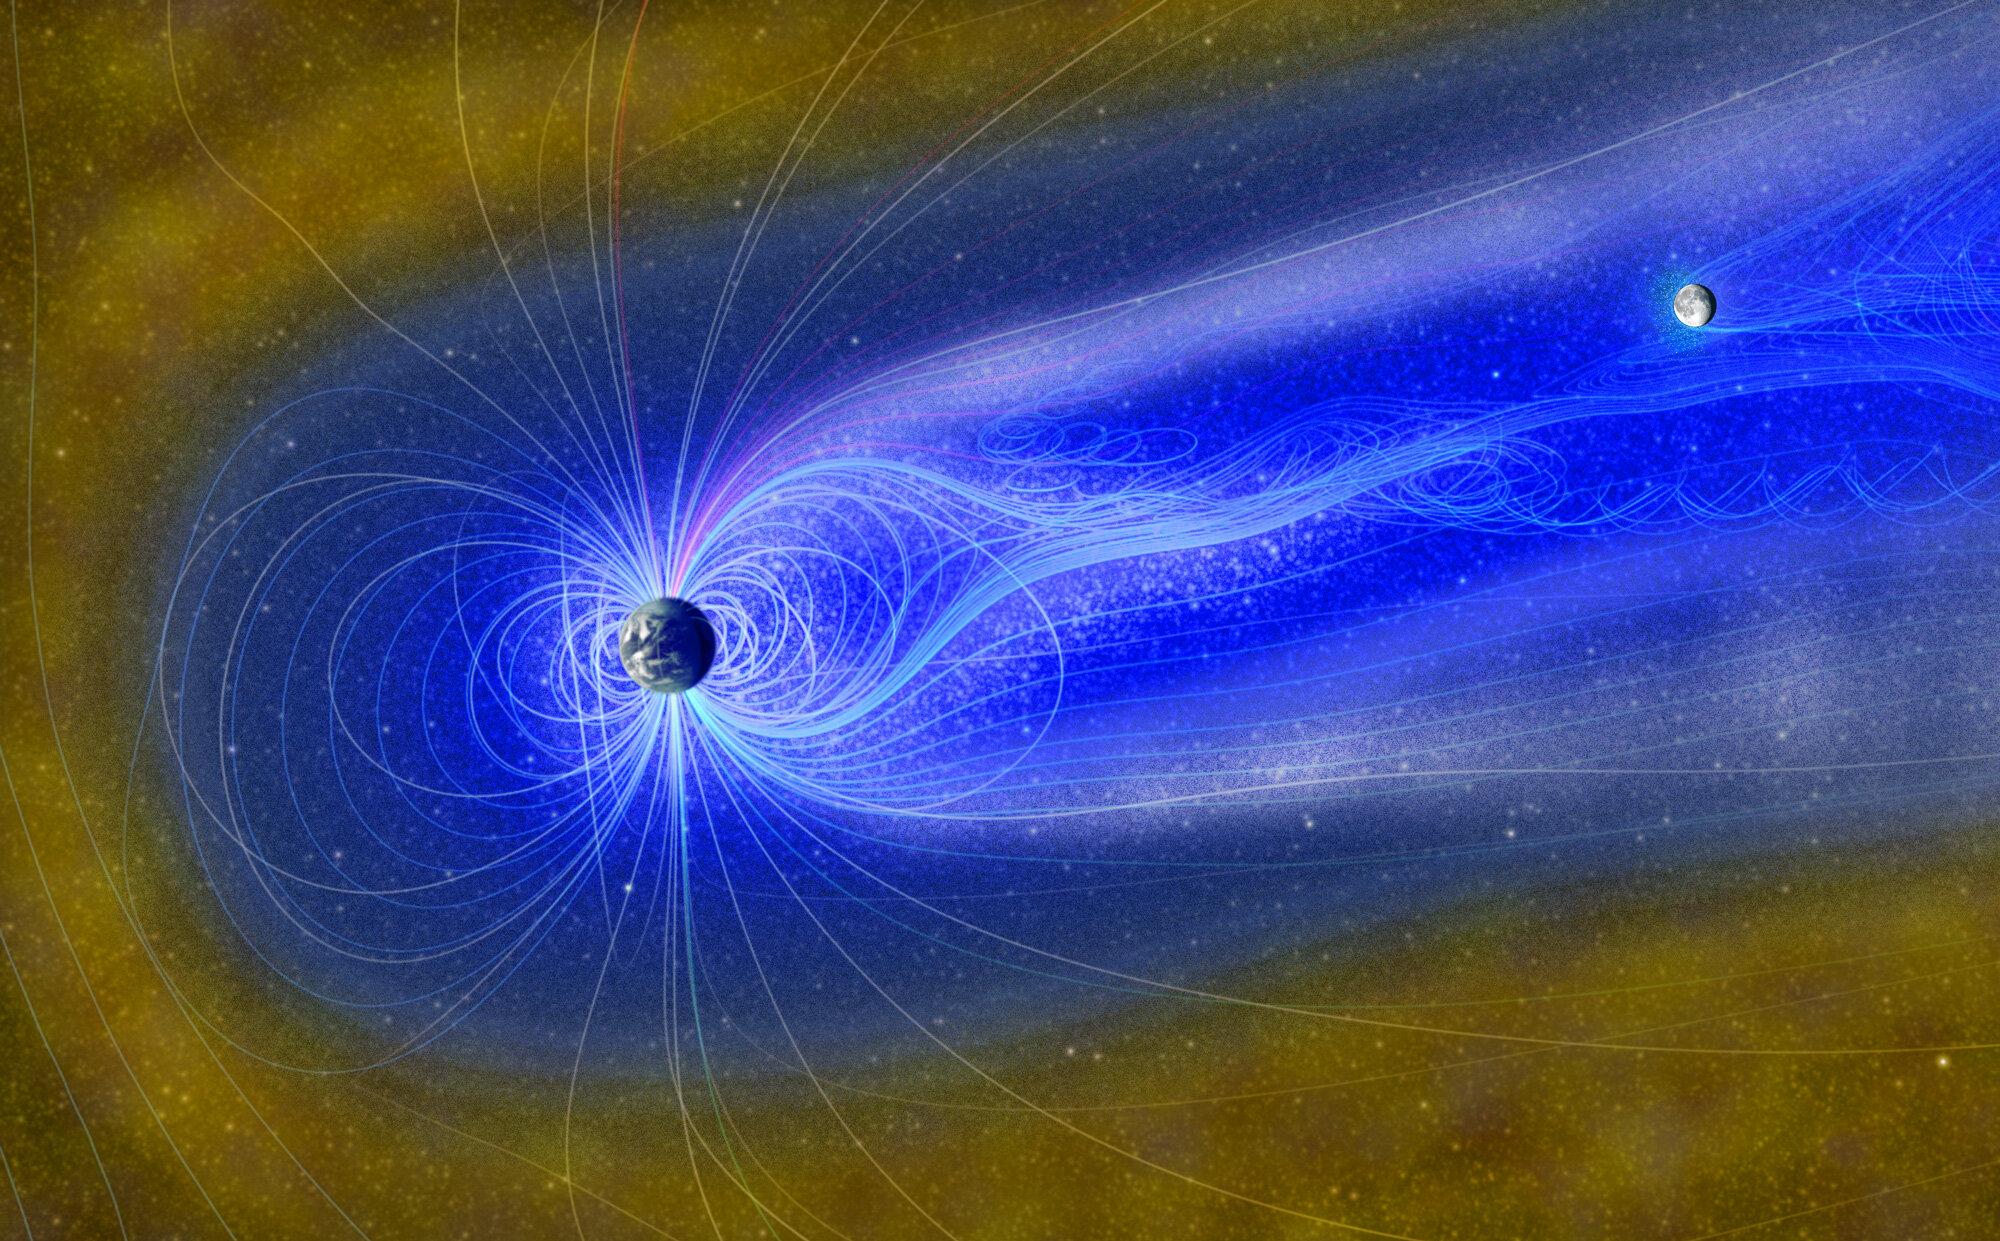 流れる酸素イオン(灰色)と水素イオン(青色)。黄色は太陽風。